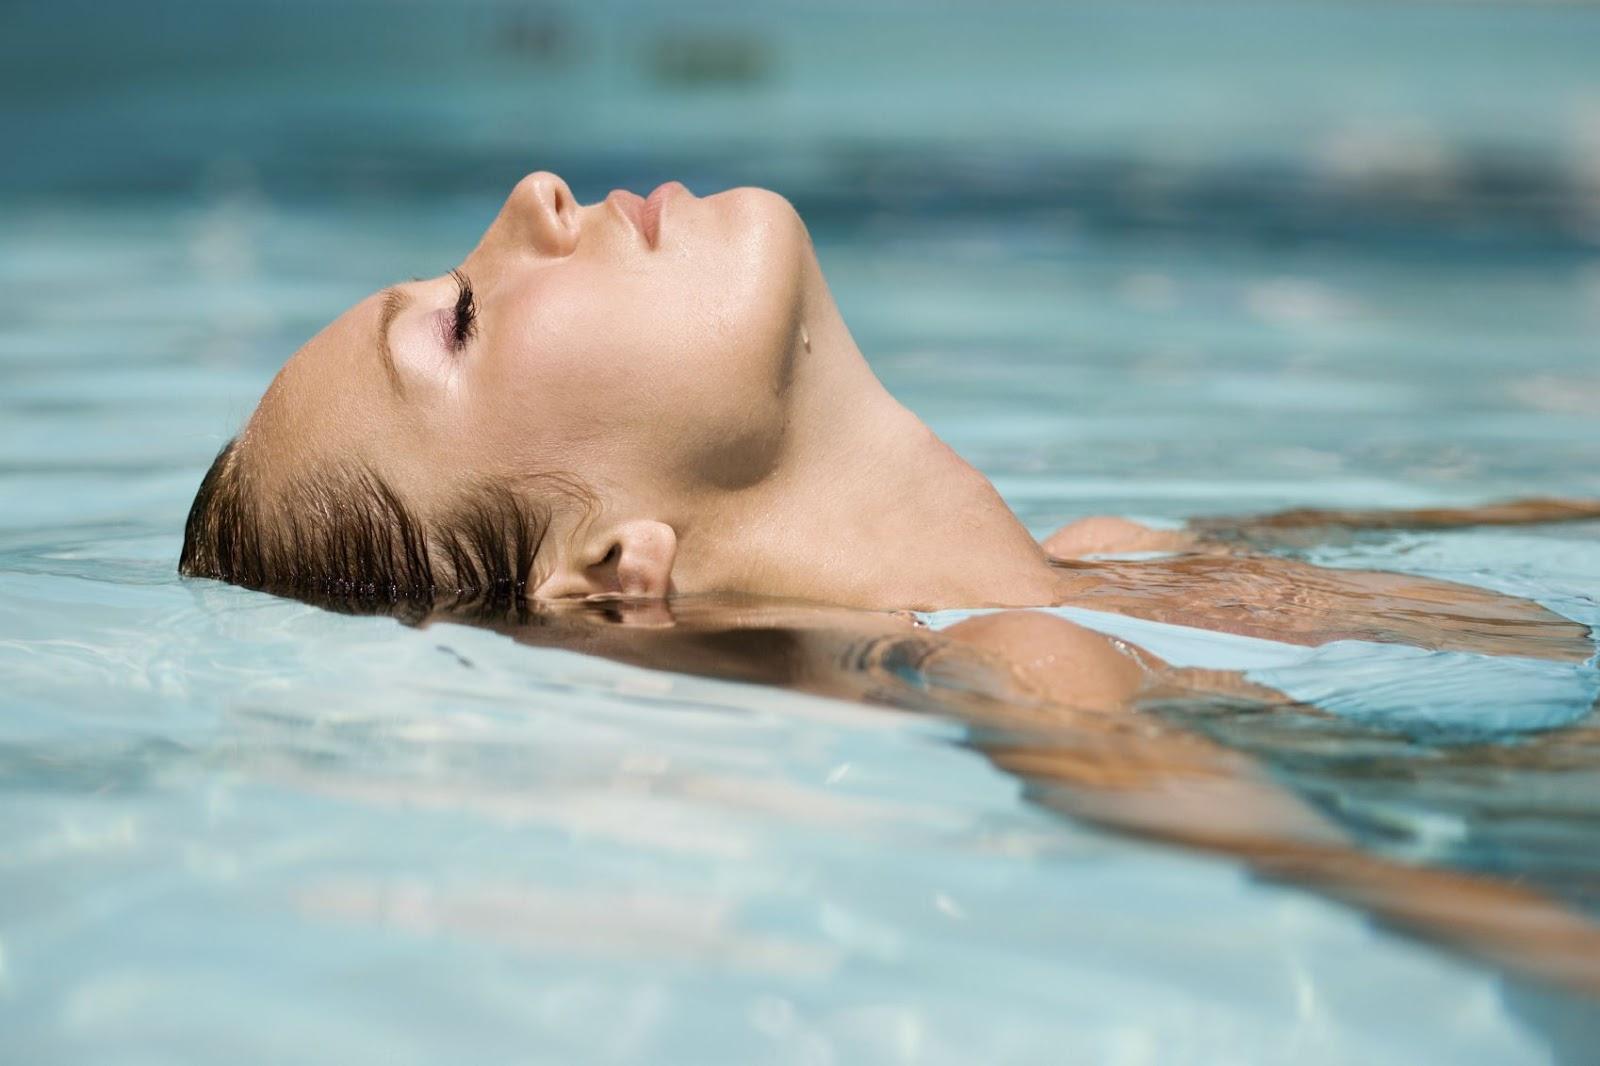 Το κολύμπι προσφέρει υγεία: Η κολύμβηση κάνει καλό στην καρδιά, στους πνεύμονες, στους μυς, μειώνει το άγχος & δροσίζει